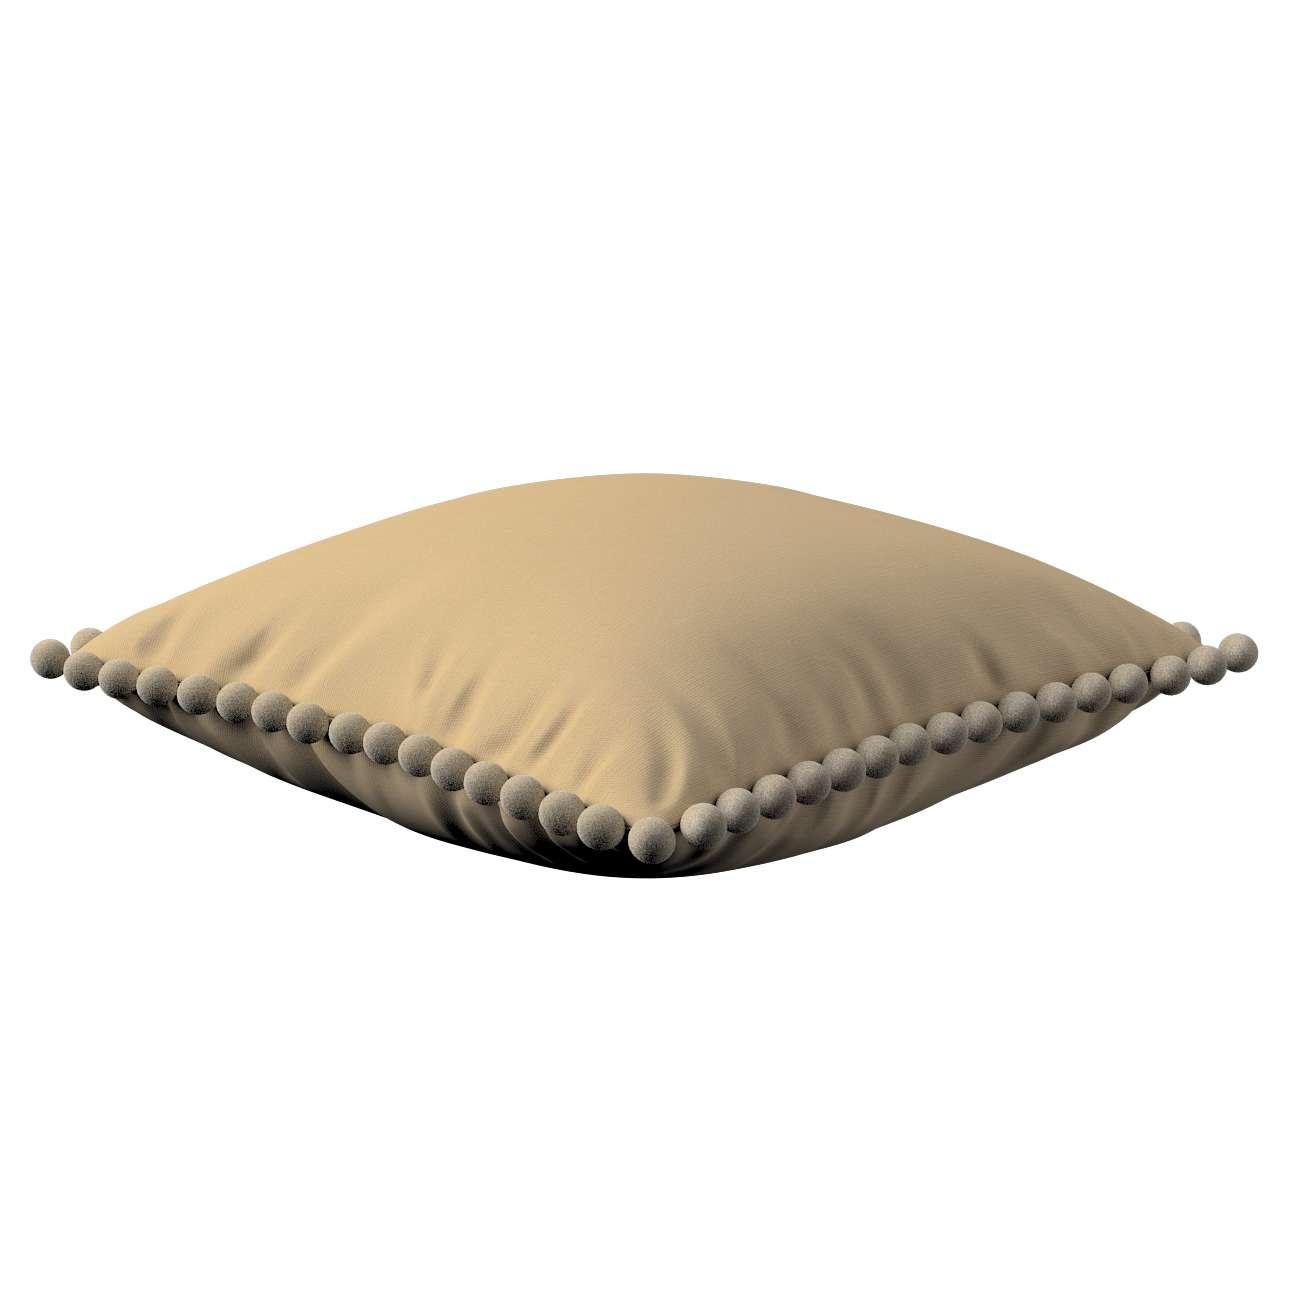 Wera dekoratyvinės pagalvėlės užvalkalas su žaismingais kraštais 45 x 45 cm kolekcijoje Cotton Panama, audinys: 702-01